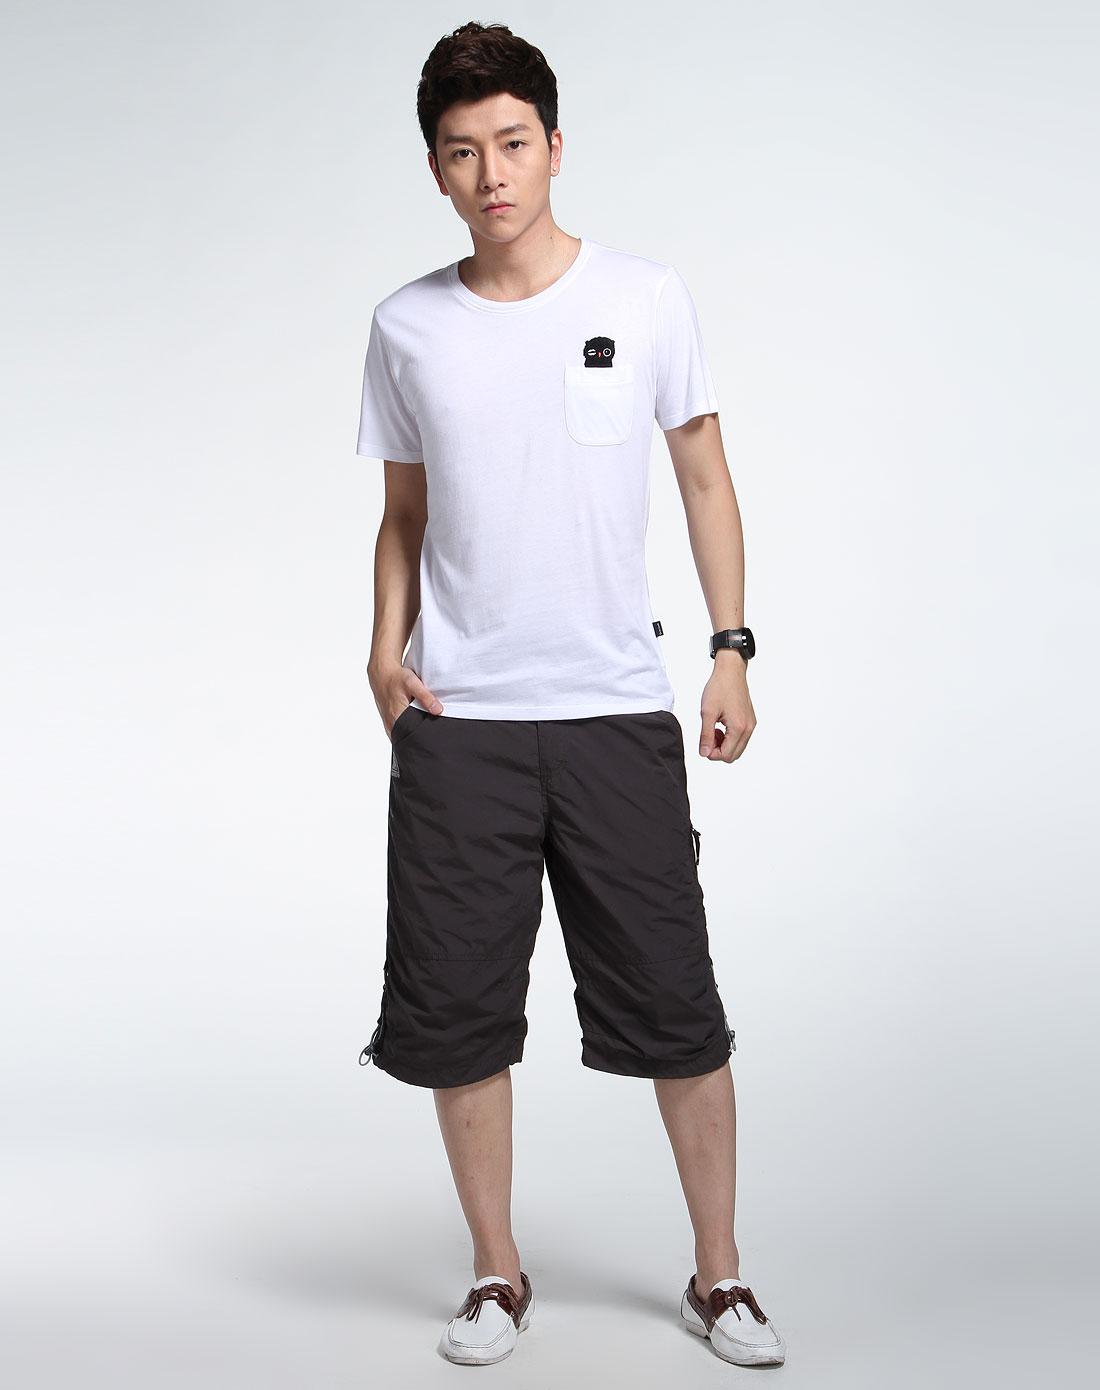 森马男装专场-白色时尚短袖t恤图片